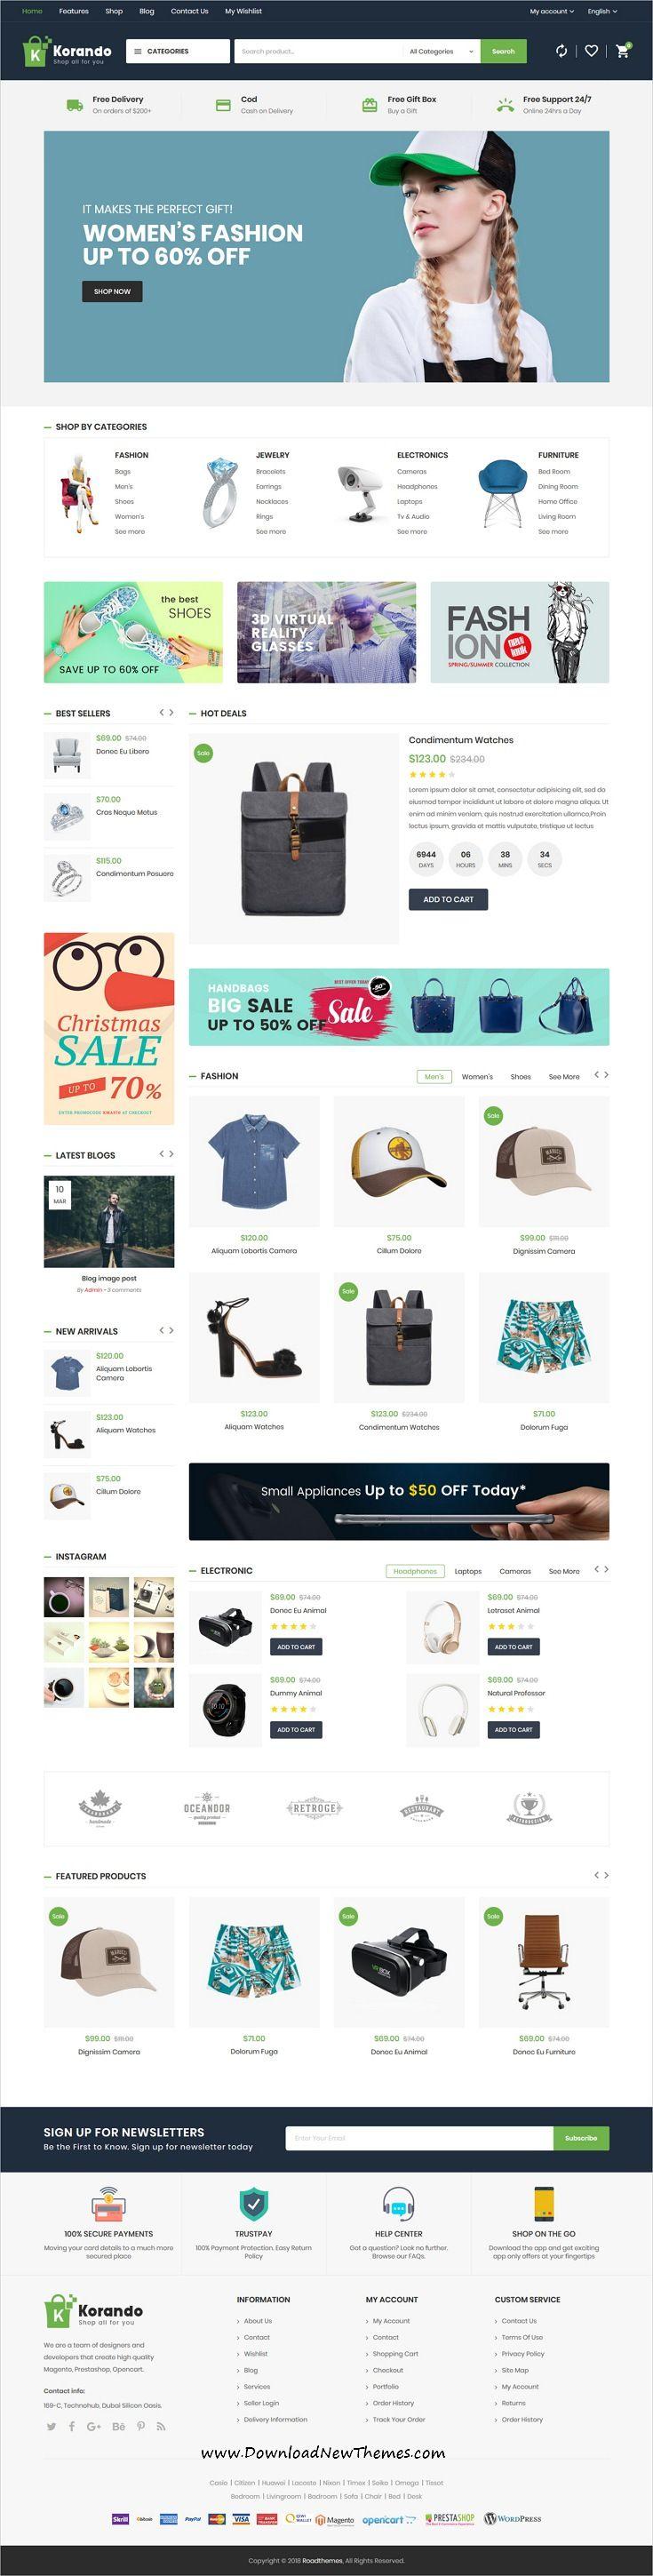 Korando Multipurpose Theme for Woo merce WordPress